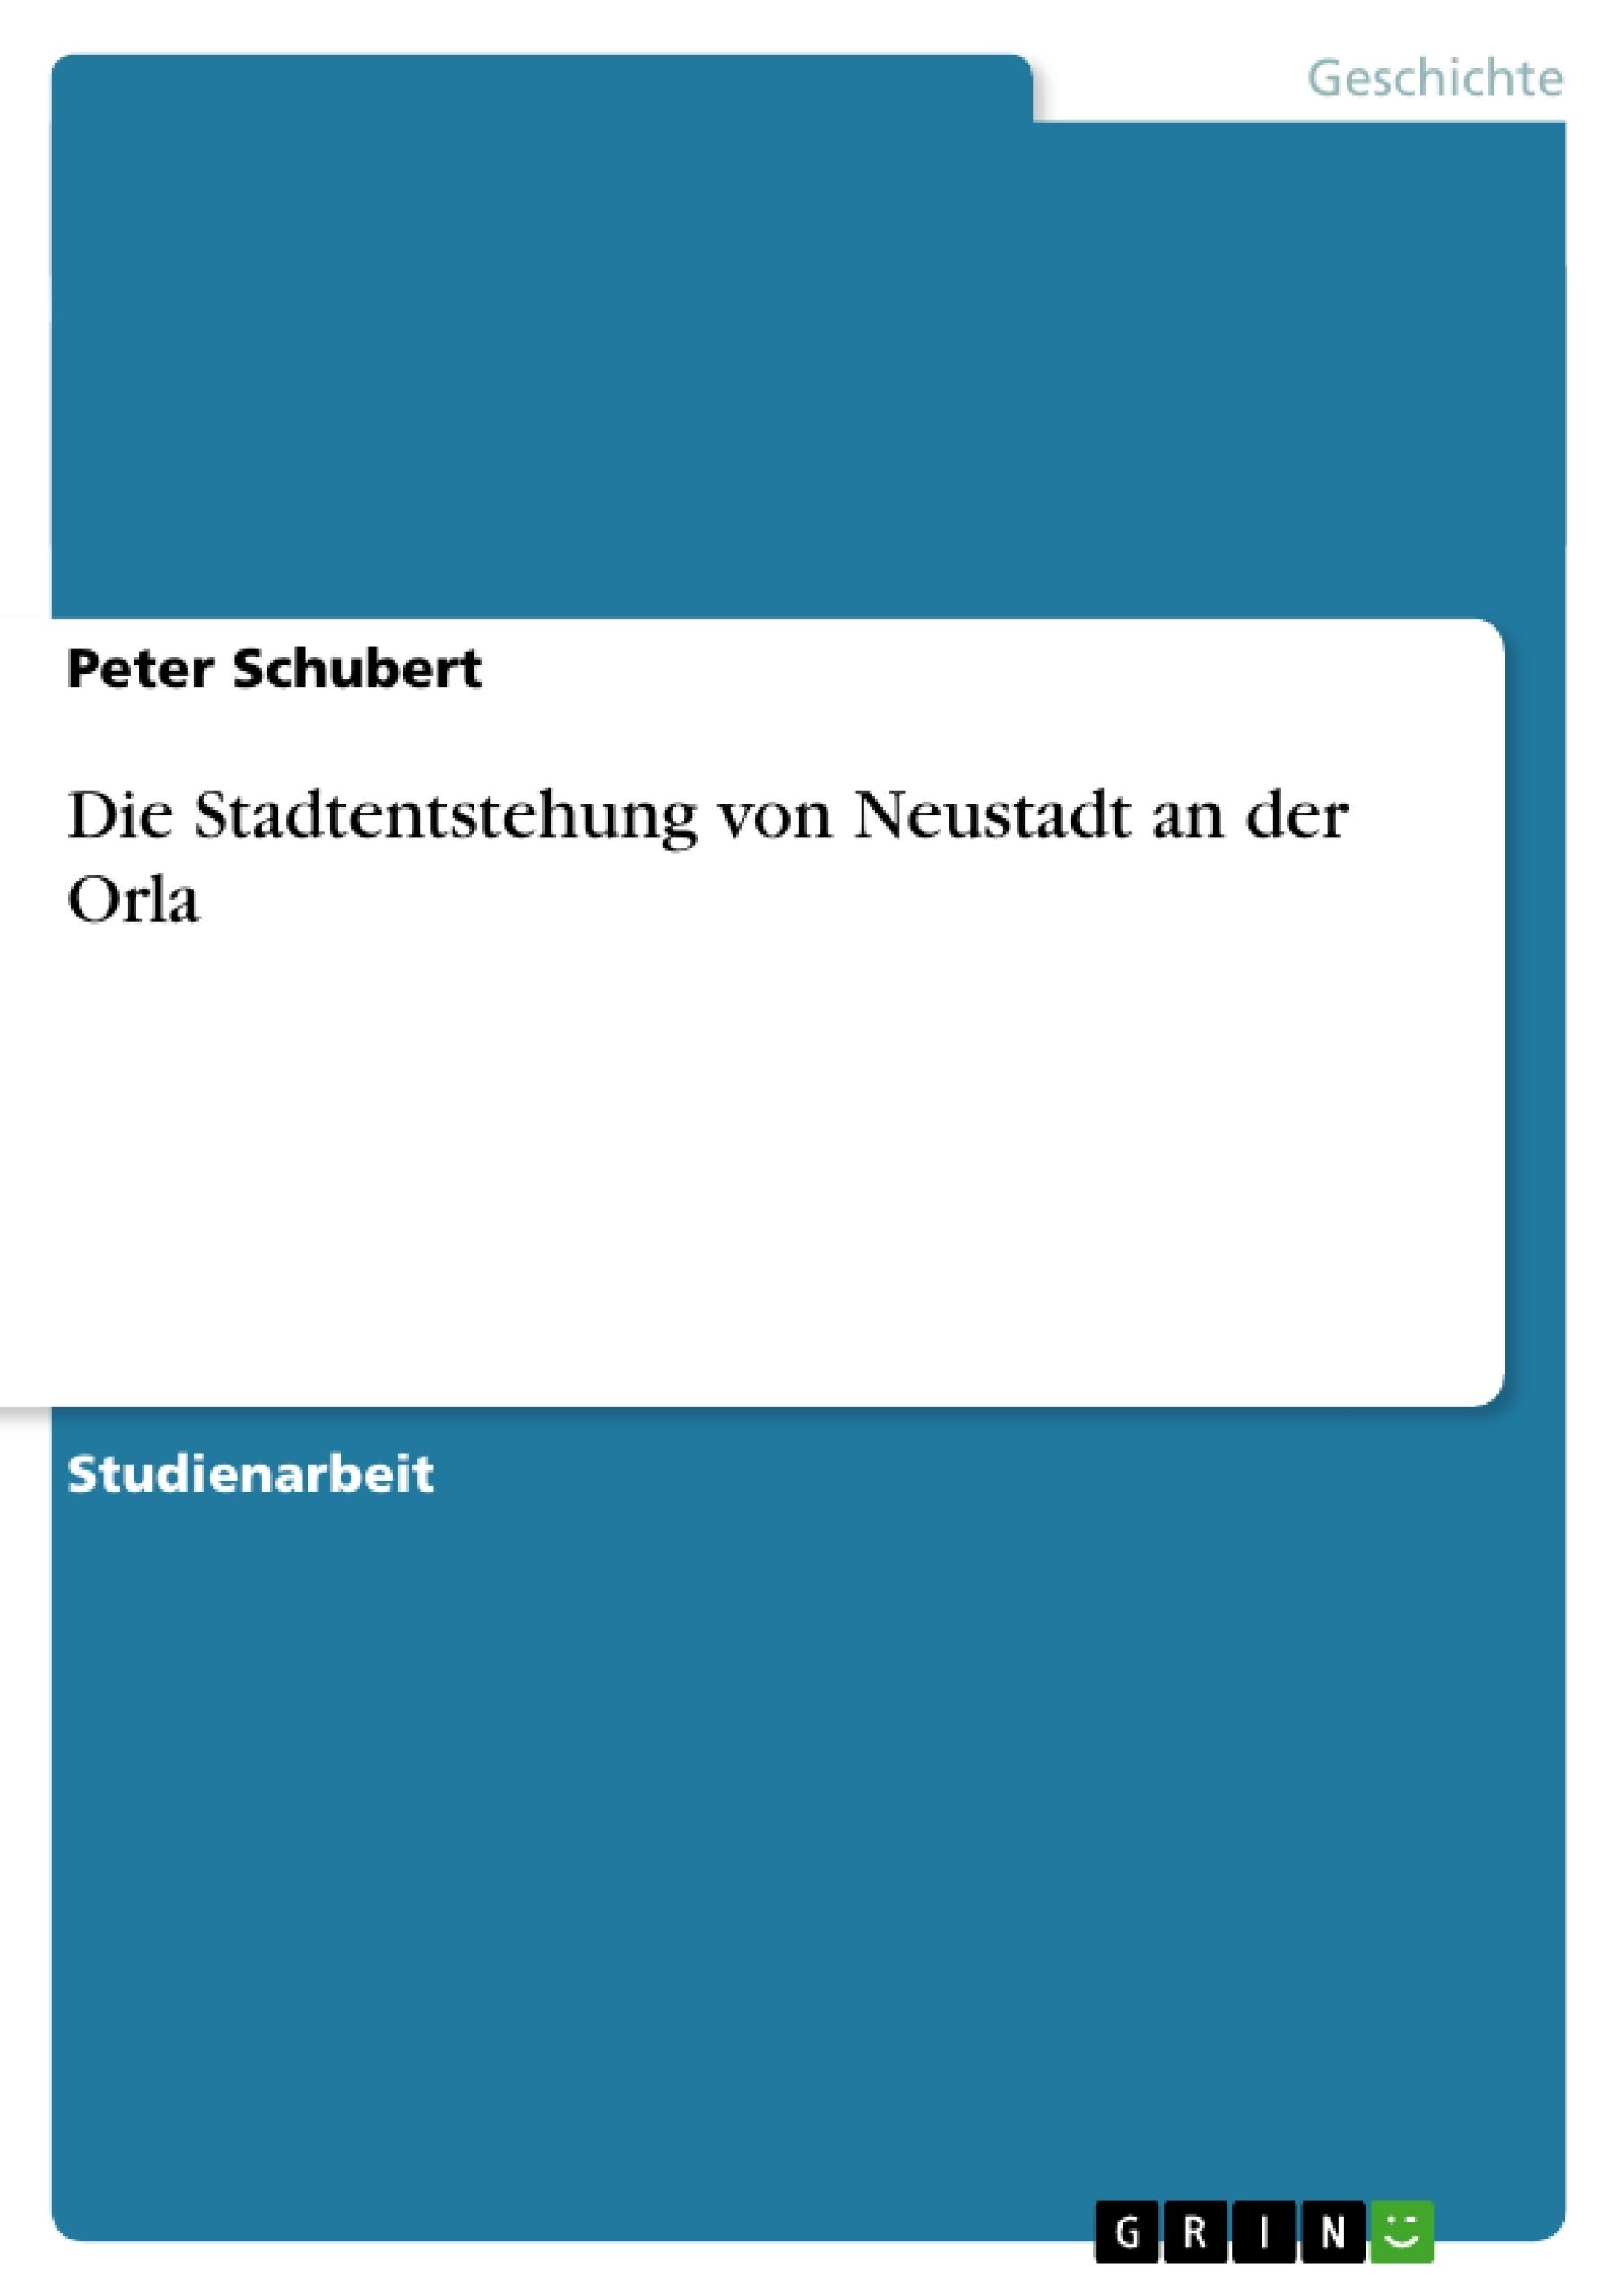 Titel: Die Stadtentstehung von Neustadt an der Orla